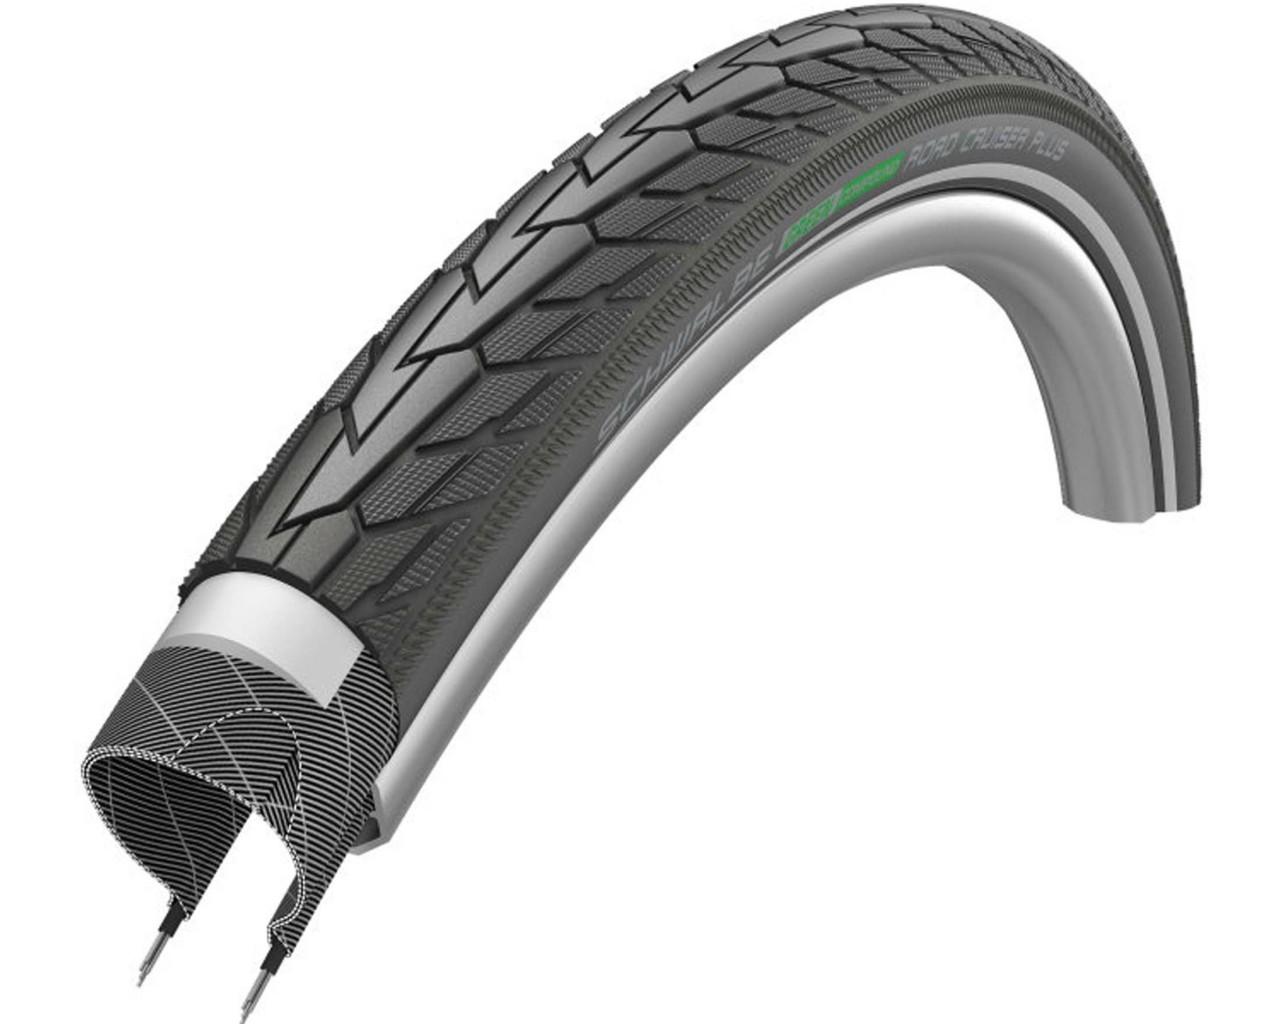 Schwalbe Road Cruiser Touring-tire 24x1.75 inch | black-reflex Active Line wired